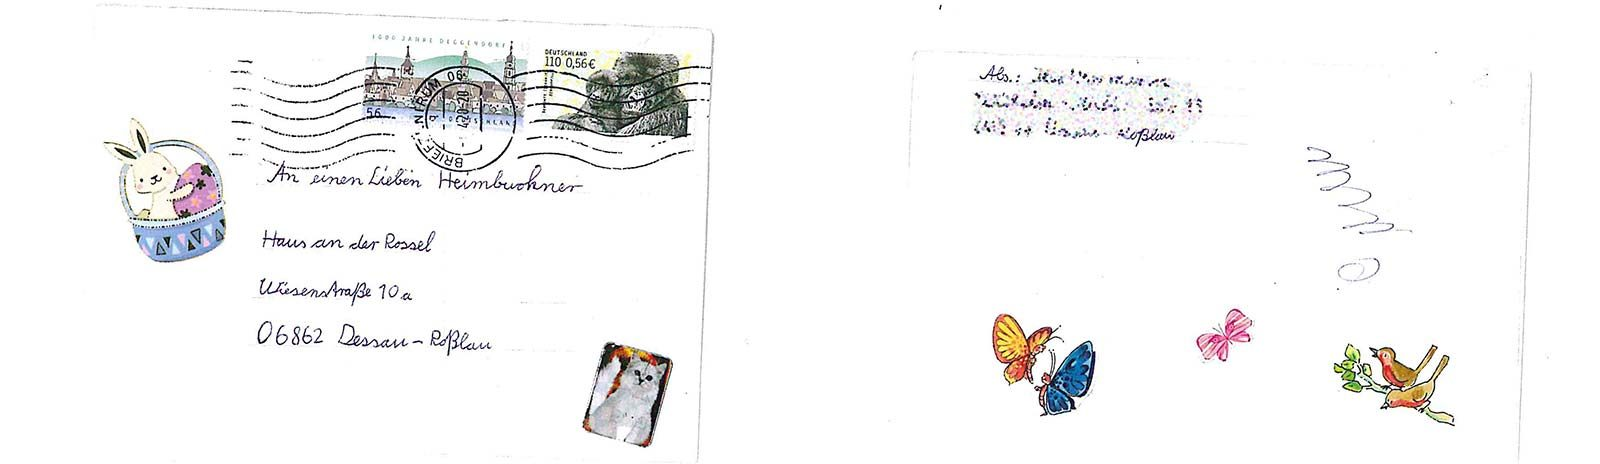 2020_04_08_Haus_an_der_Rossel_Brief-(1).jpg_SLIDER